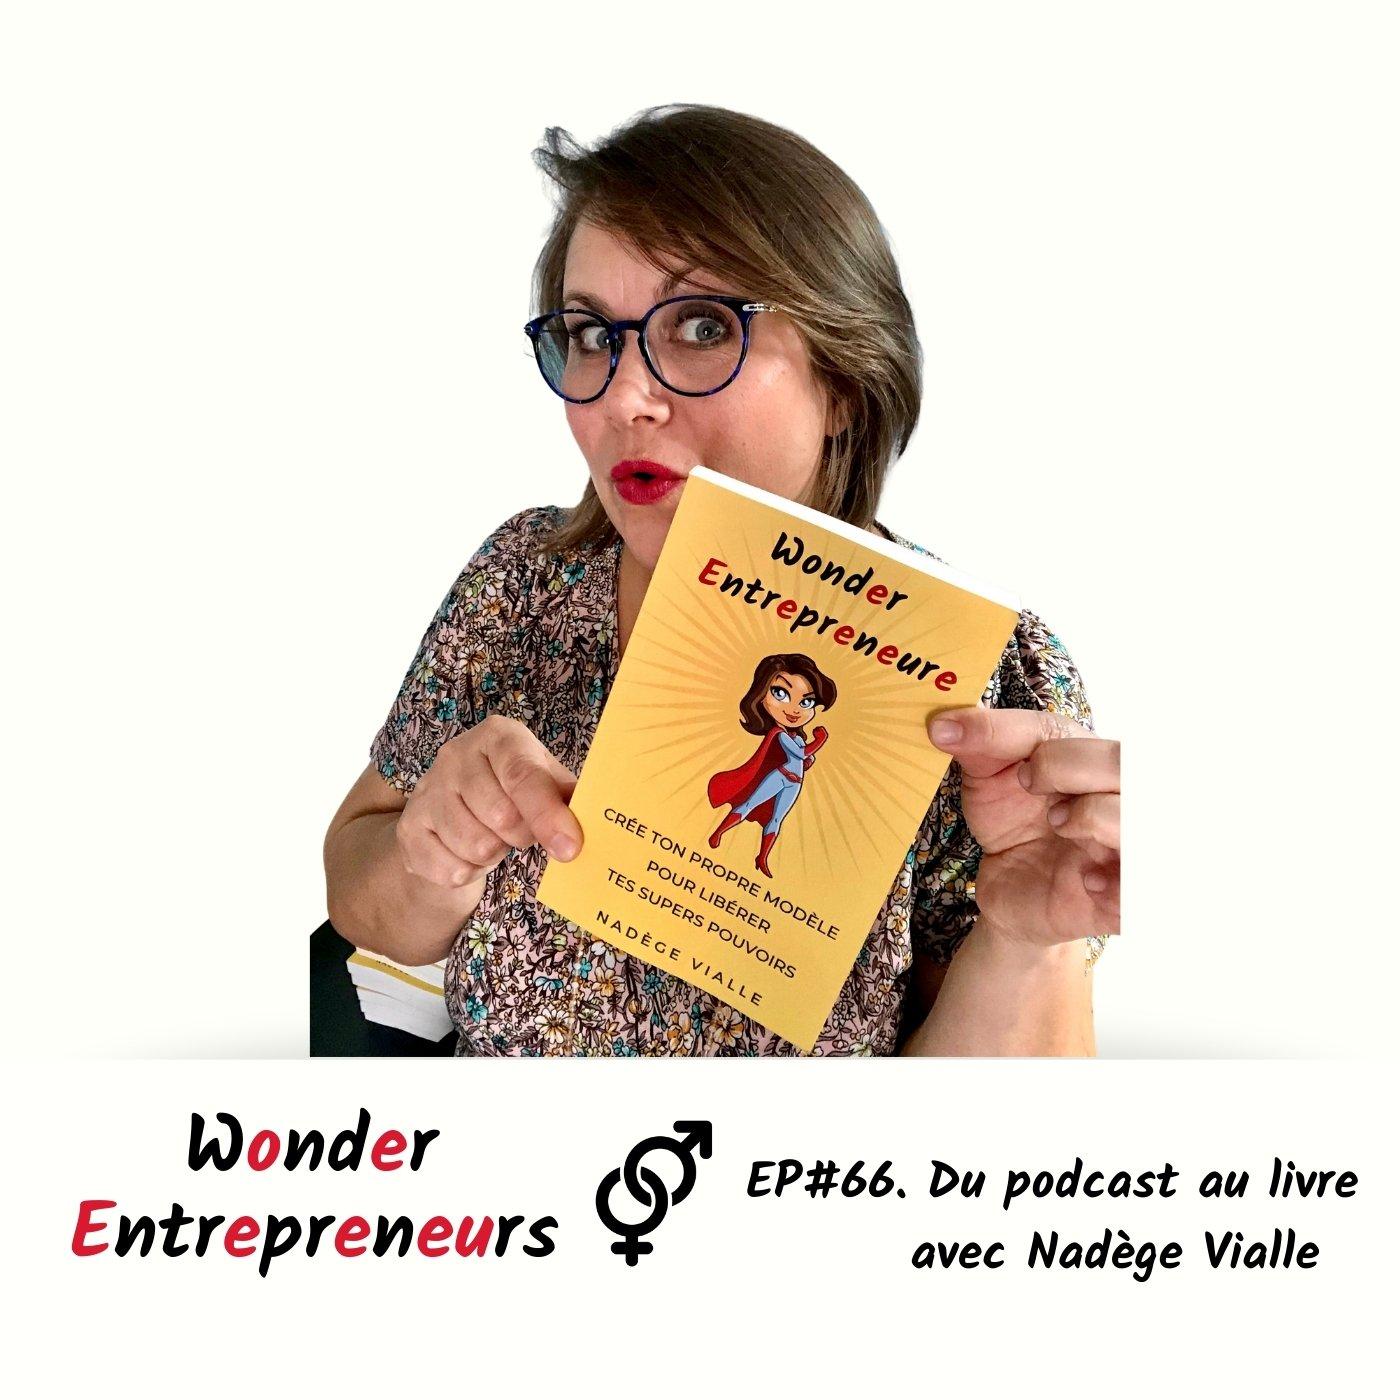 Cover Podcast Wonder Entrepreneures du livre au podcast - episode 66